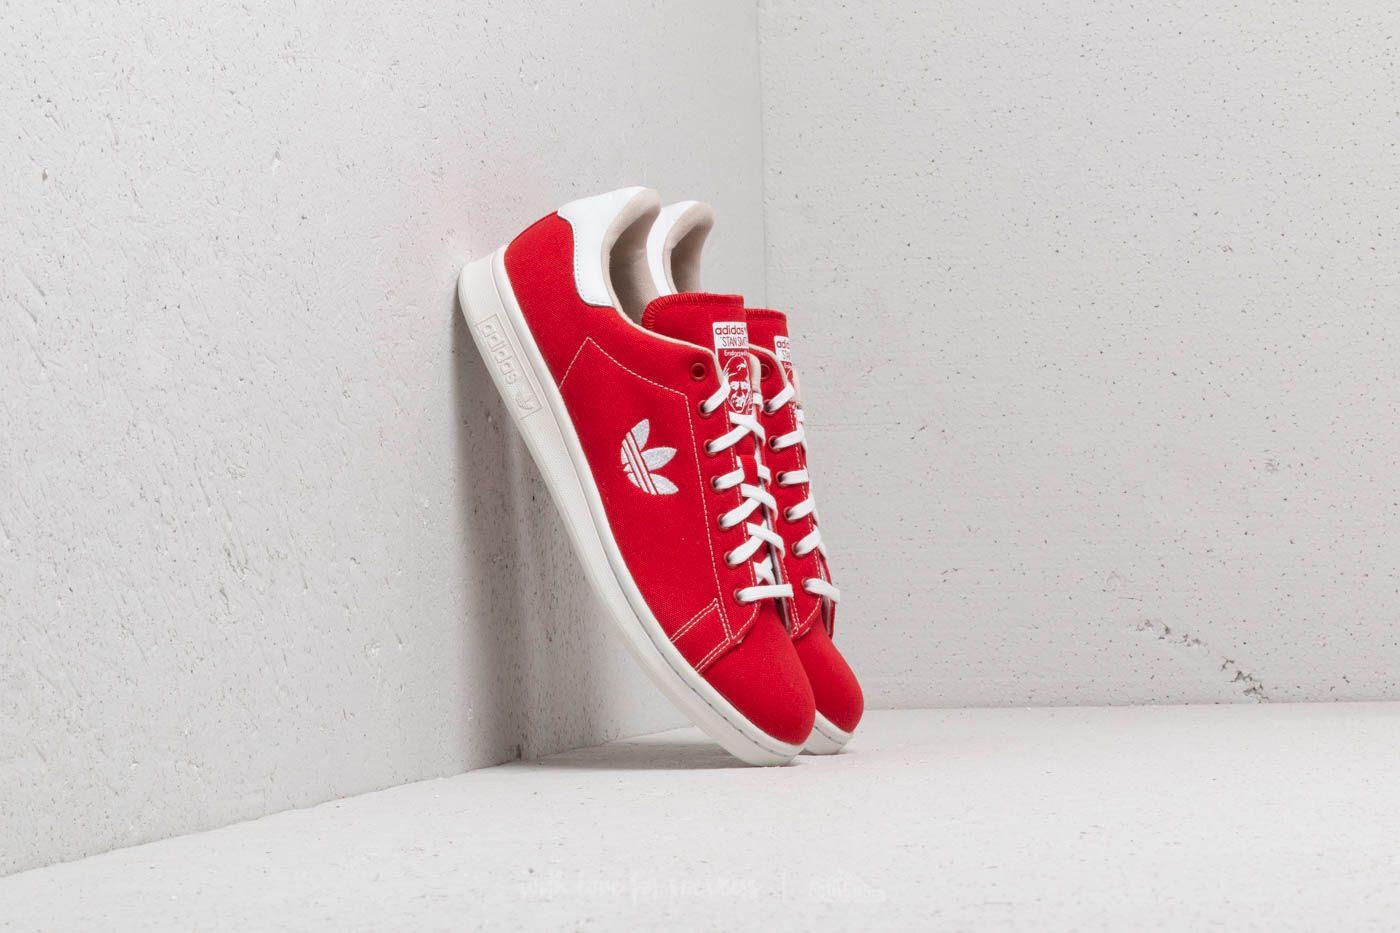 adidas Stan Smith Scarlet/ Ftw White/ Clear Brown za skvělou cenu 2 390 Kč koupíte na Footshop.cz